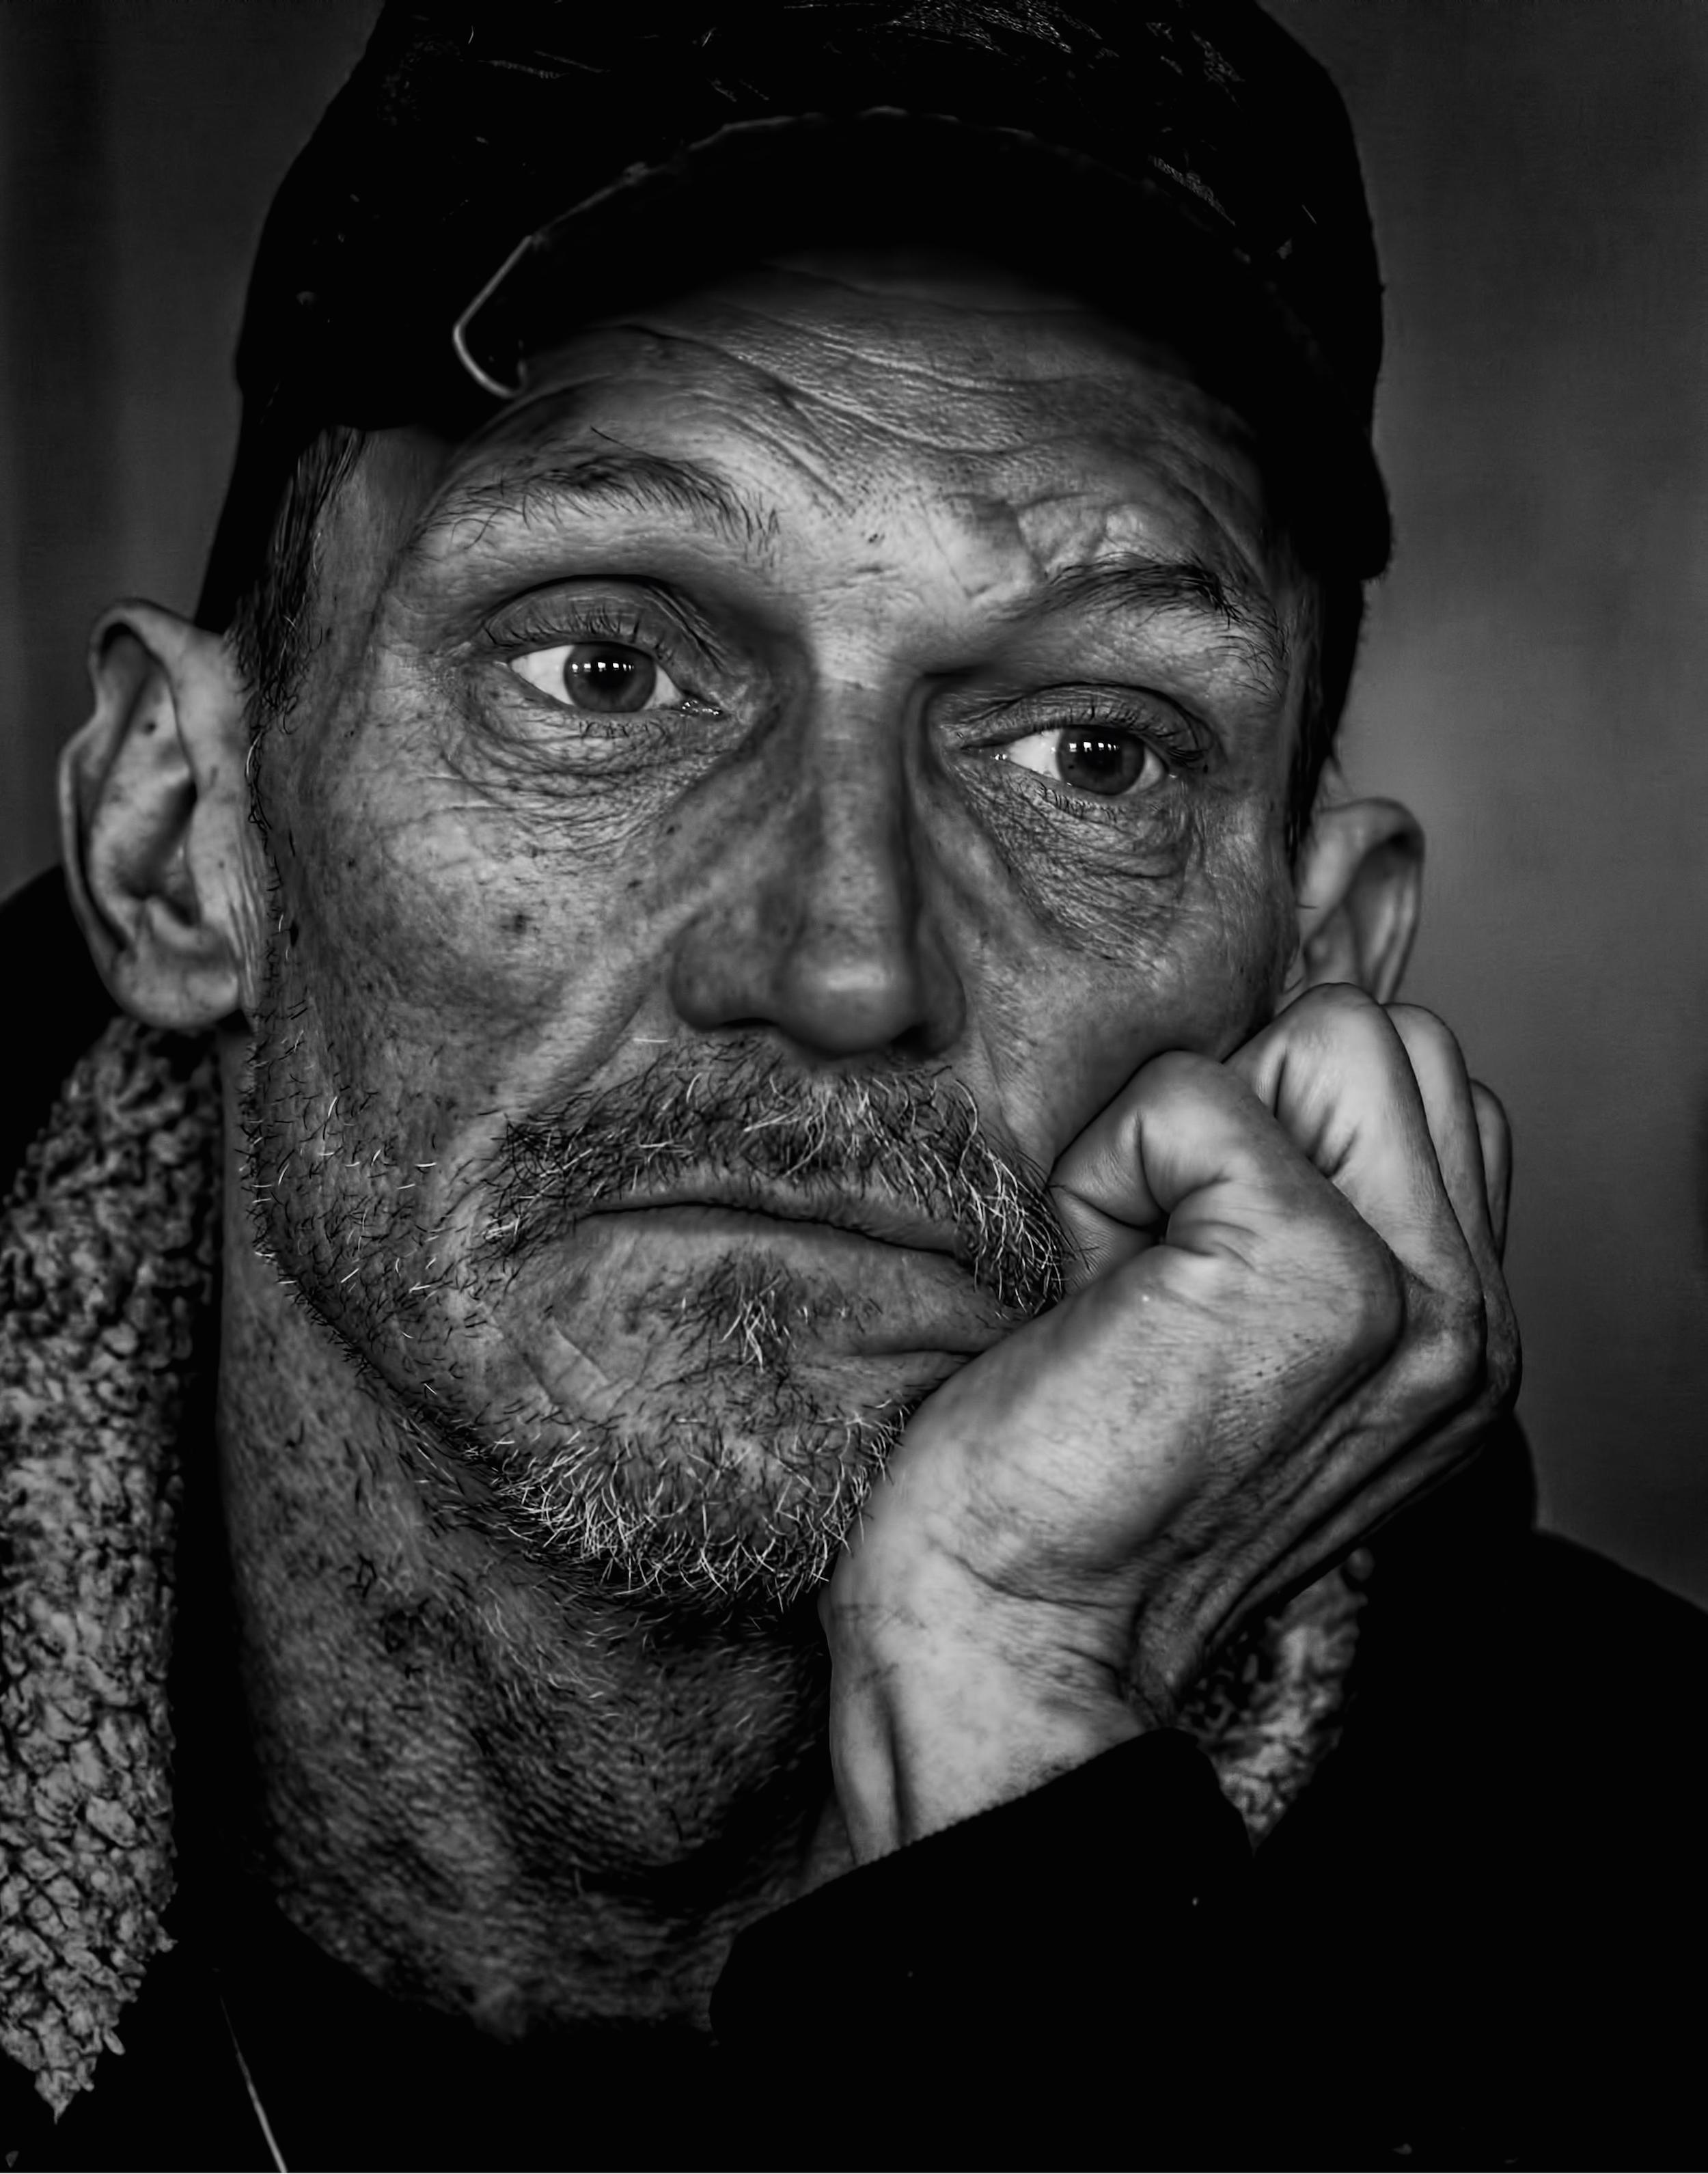 Man-Portrait_Tall_BW.jpg